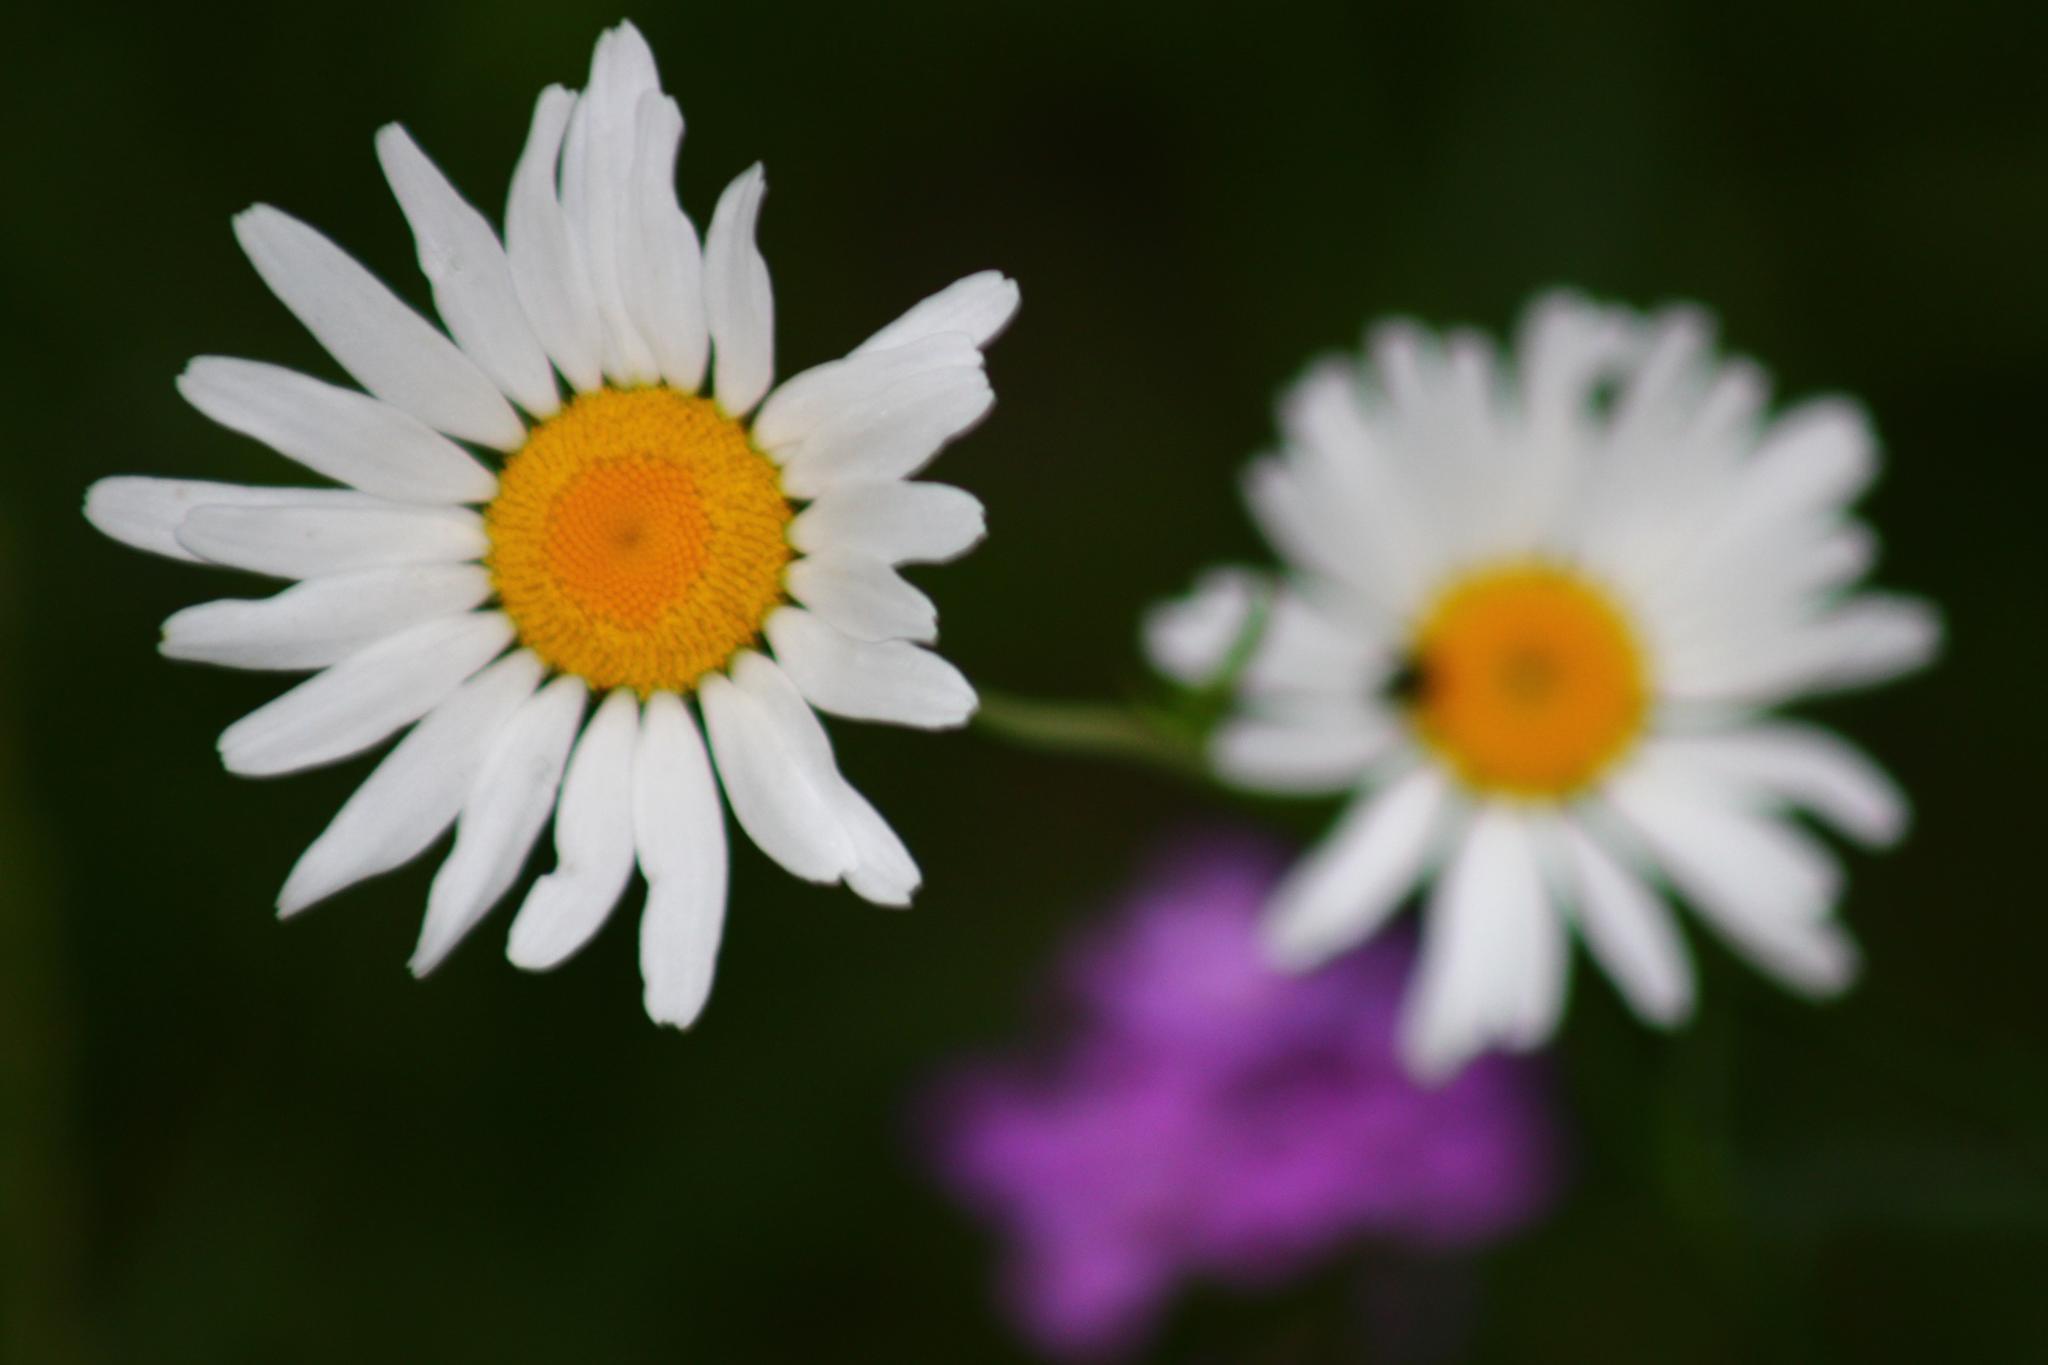 Daisy by jennifer.krieble